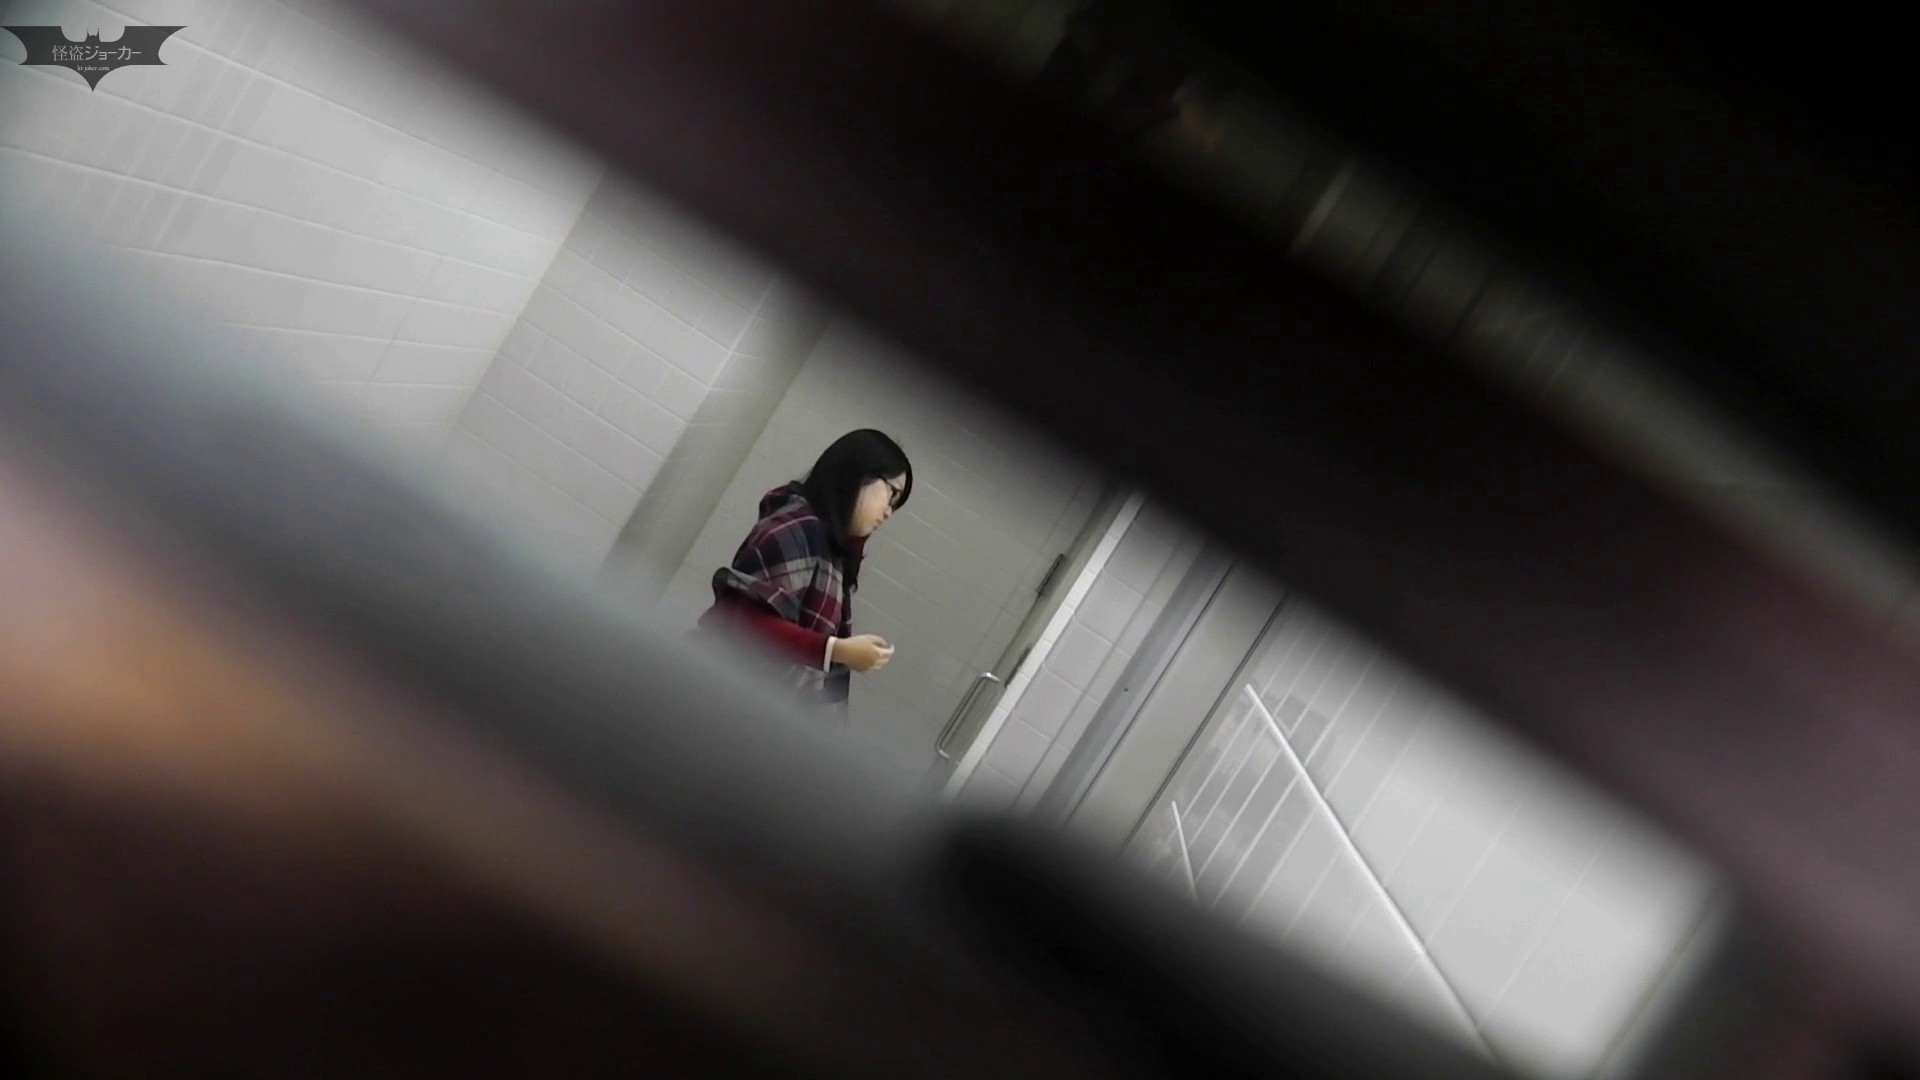 お銀さん vol.59 ピンチ!!「鏡の前で祈る女性」にばれる危機 ギャル攻め オマンコ無修正動画無料 56画像 37